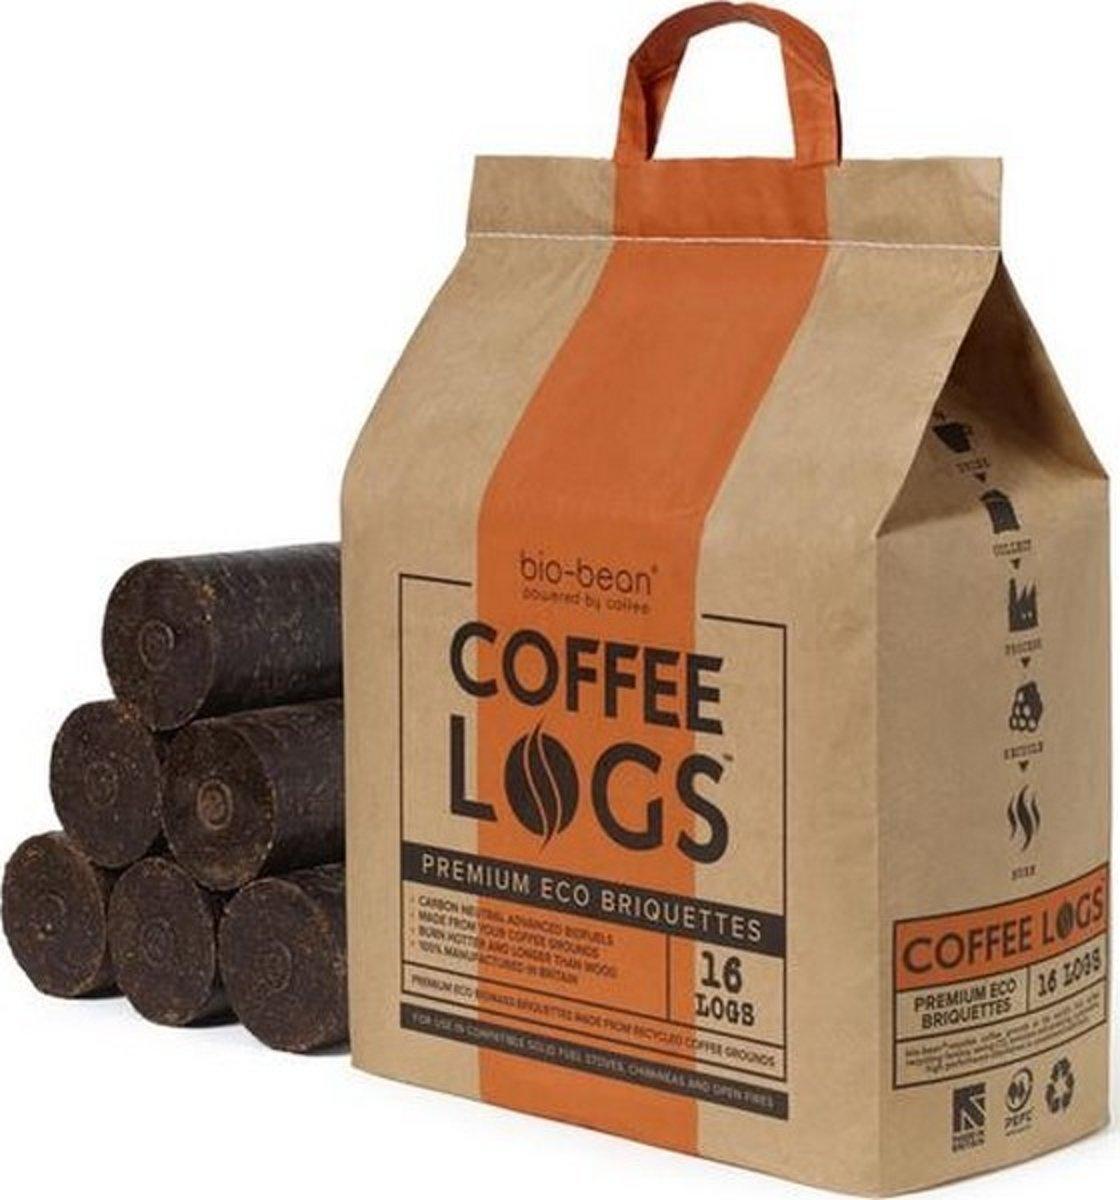 Eco koffiebriketten - Coffee LOGS - set van 16 stuks kopen